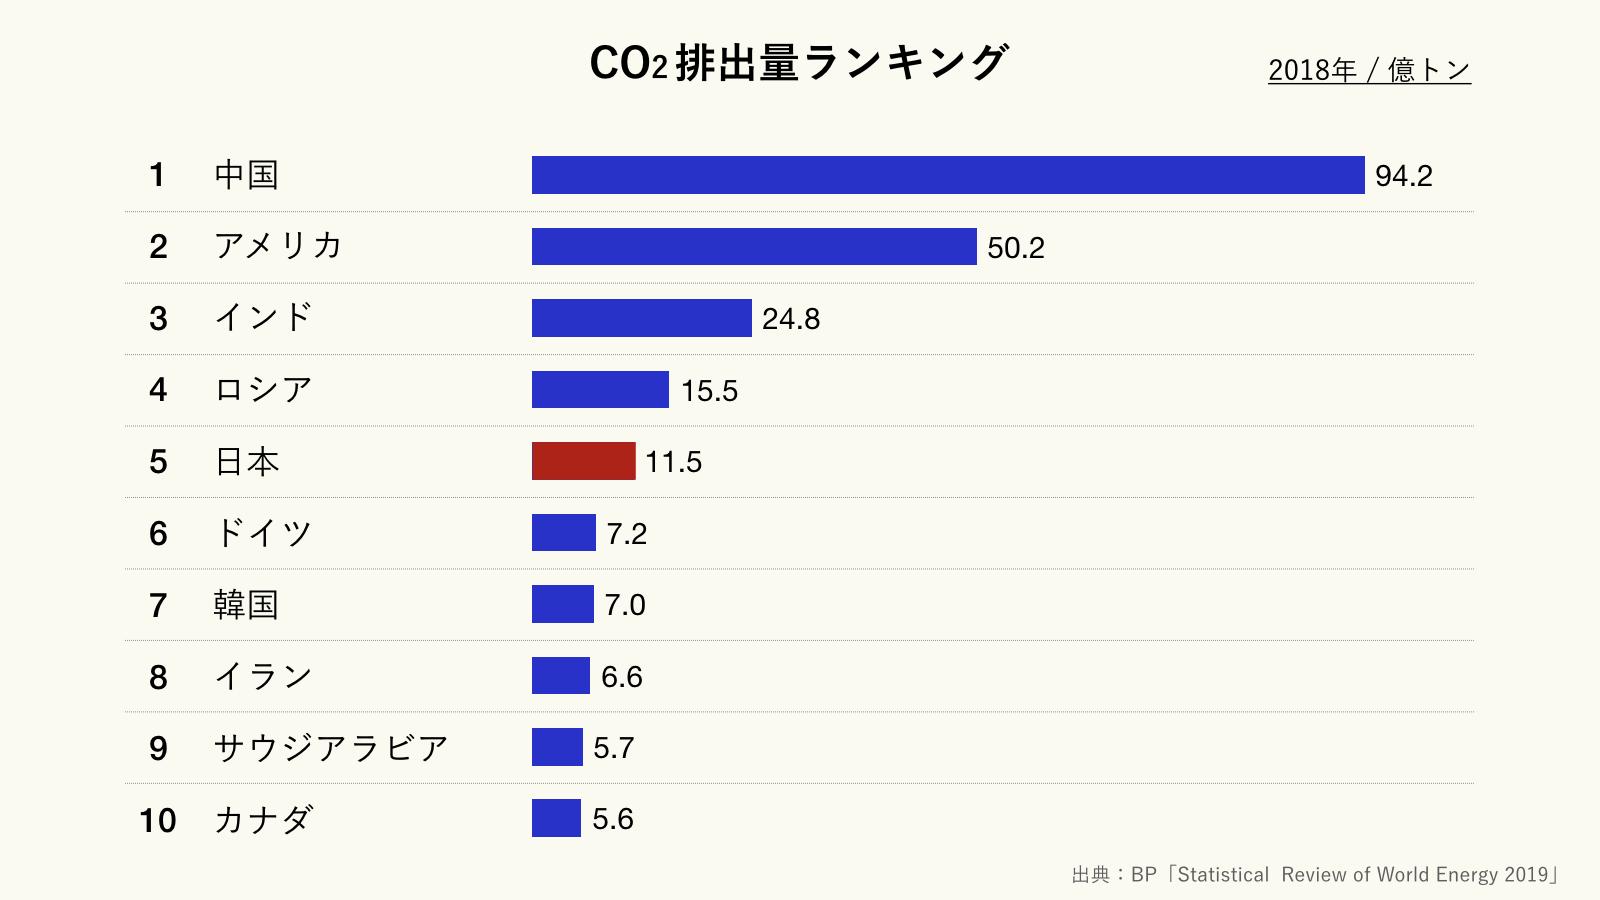 CO2排出量ランキング(クリーム)